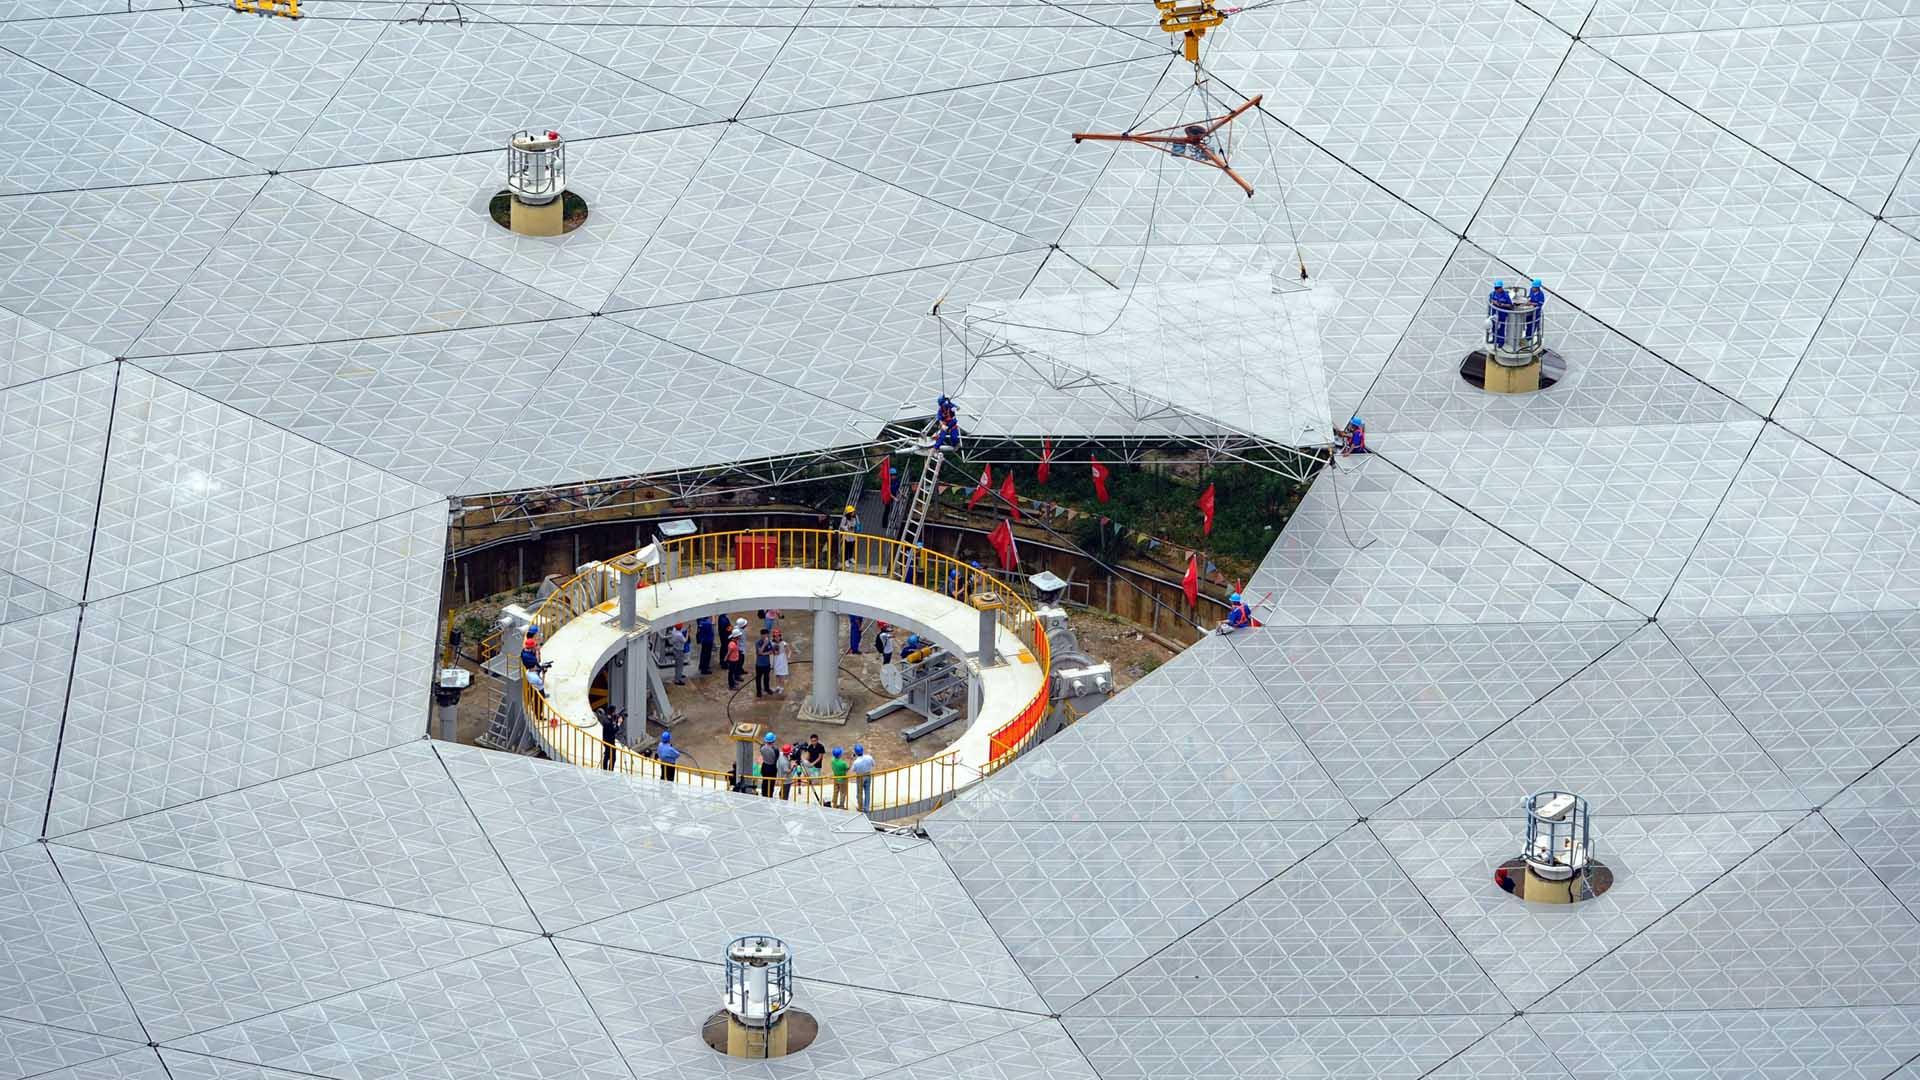 El aparato que servirá para analizar ondas procedentes del espacio será inaugurado en septiembre